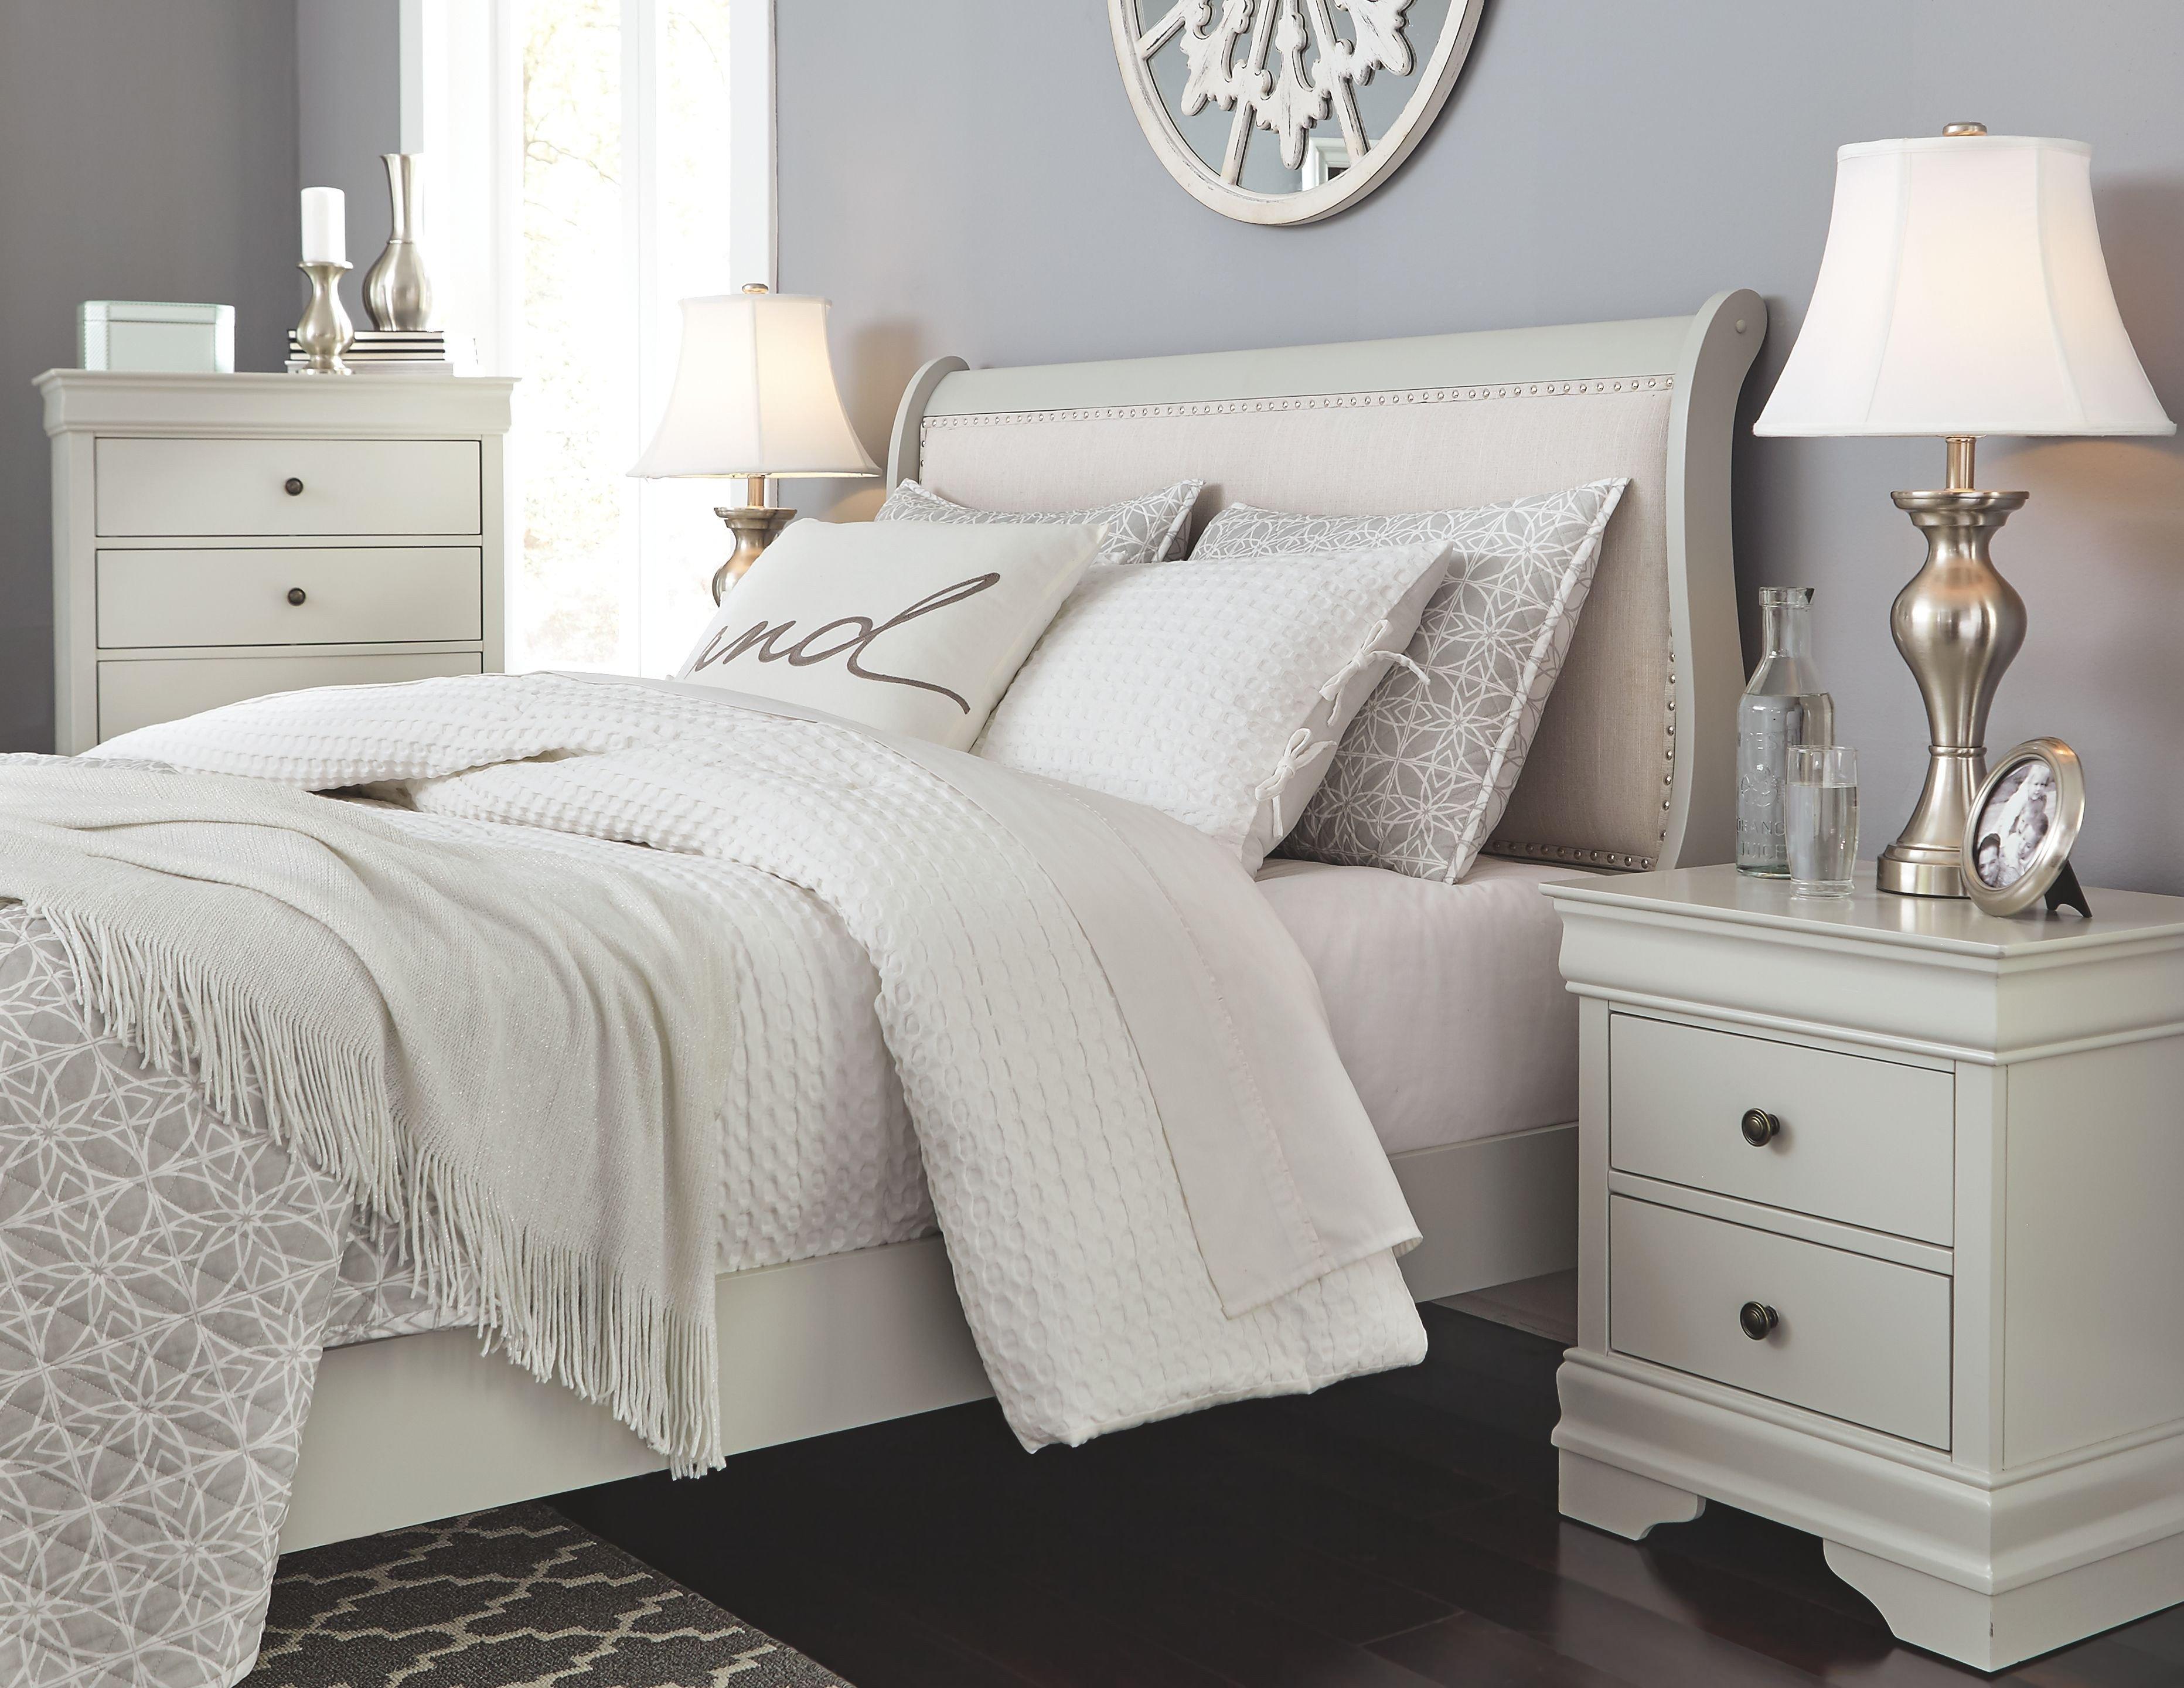 Beach themed Bedroom Set Best Of Jorstad Full Bed with 2 Nightstands Gray